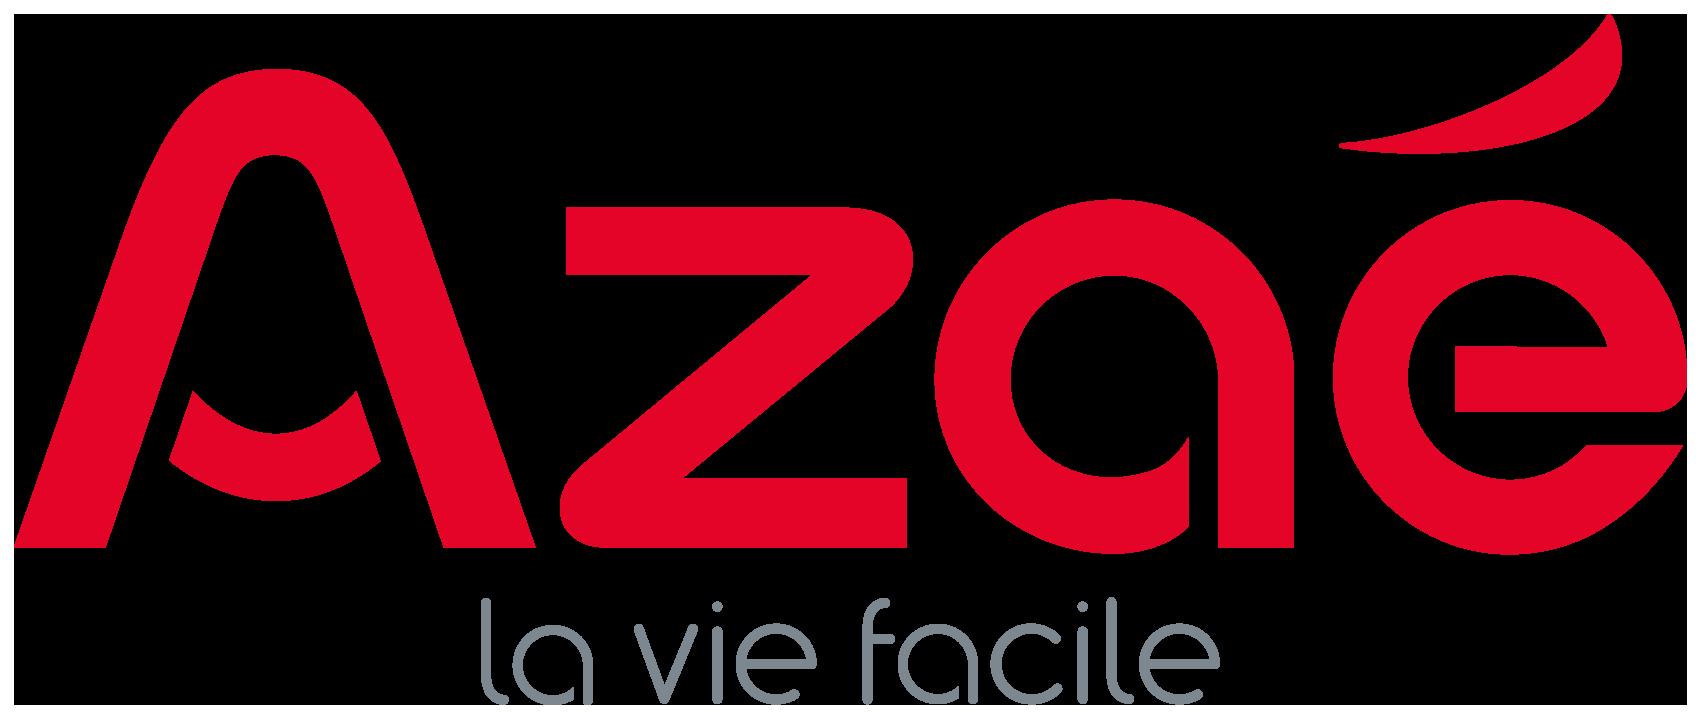 Azaé Chalon-sur-Saône - Aide à domicile et femme de ménage services, aide à domicile